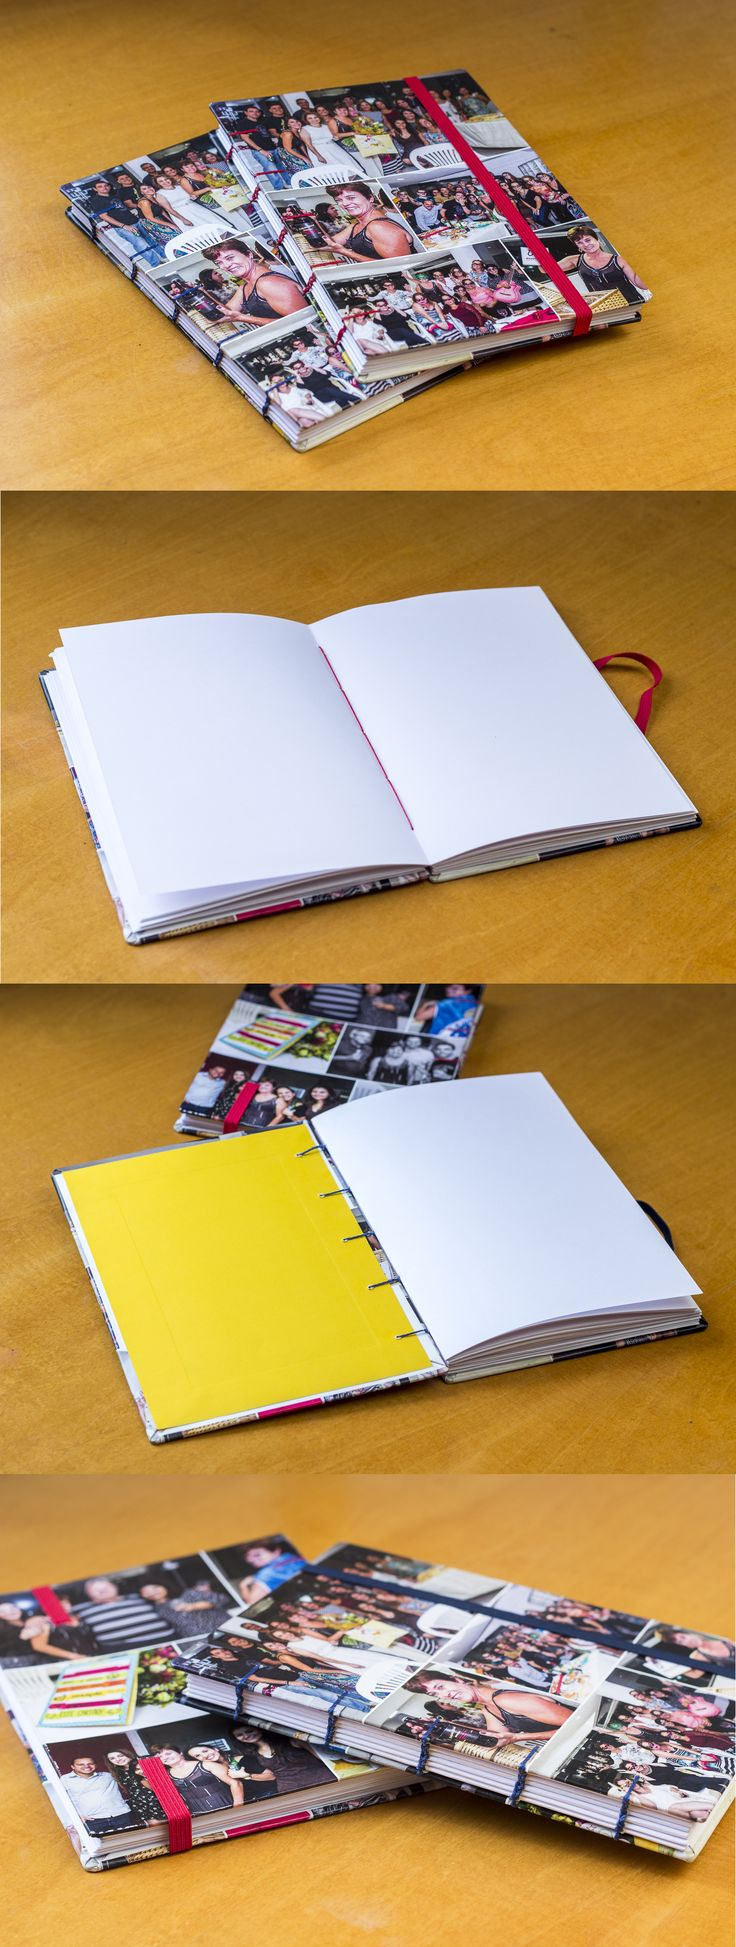 Personalize o caderno com suas fotos! Todos os cadernos são feitos manualmente.     Detalhes:  - Capa dura  - Tamanhos 14x19cm e 10x15cm  - Costura exposta  - Fechamento em elástico  - Miolo com 168 páginas em papel sulfite 75g marfim (sem pauta)